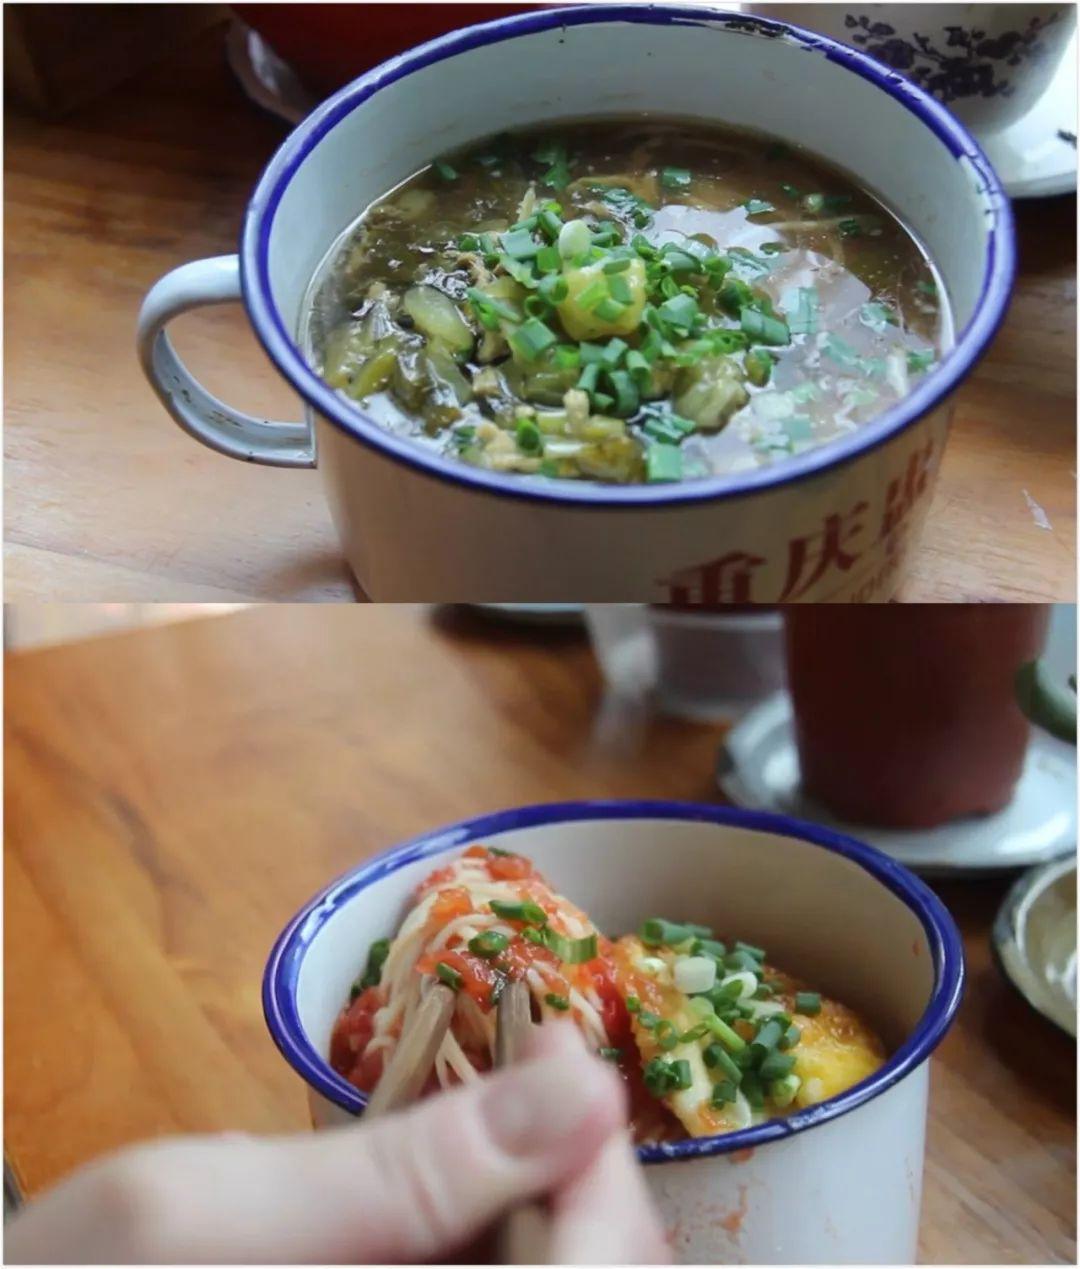 视界 | 5美元在中国能吃到怎样的三餐?美食博主做了个示范